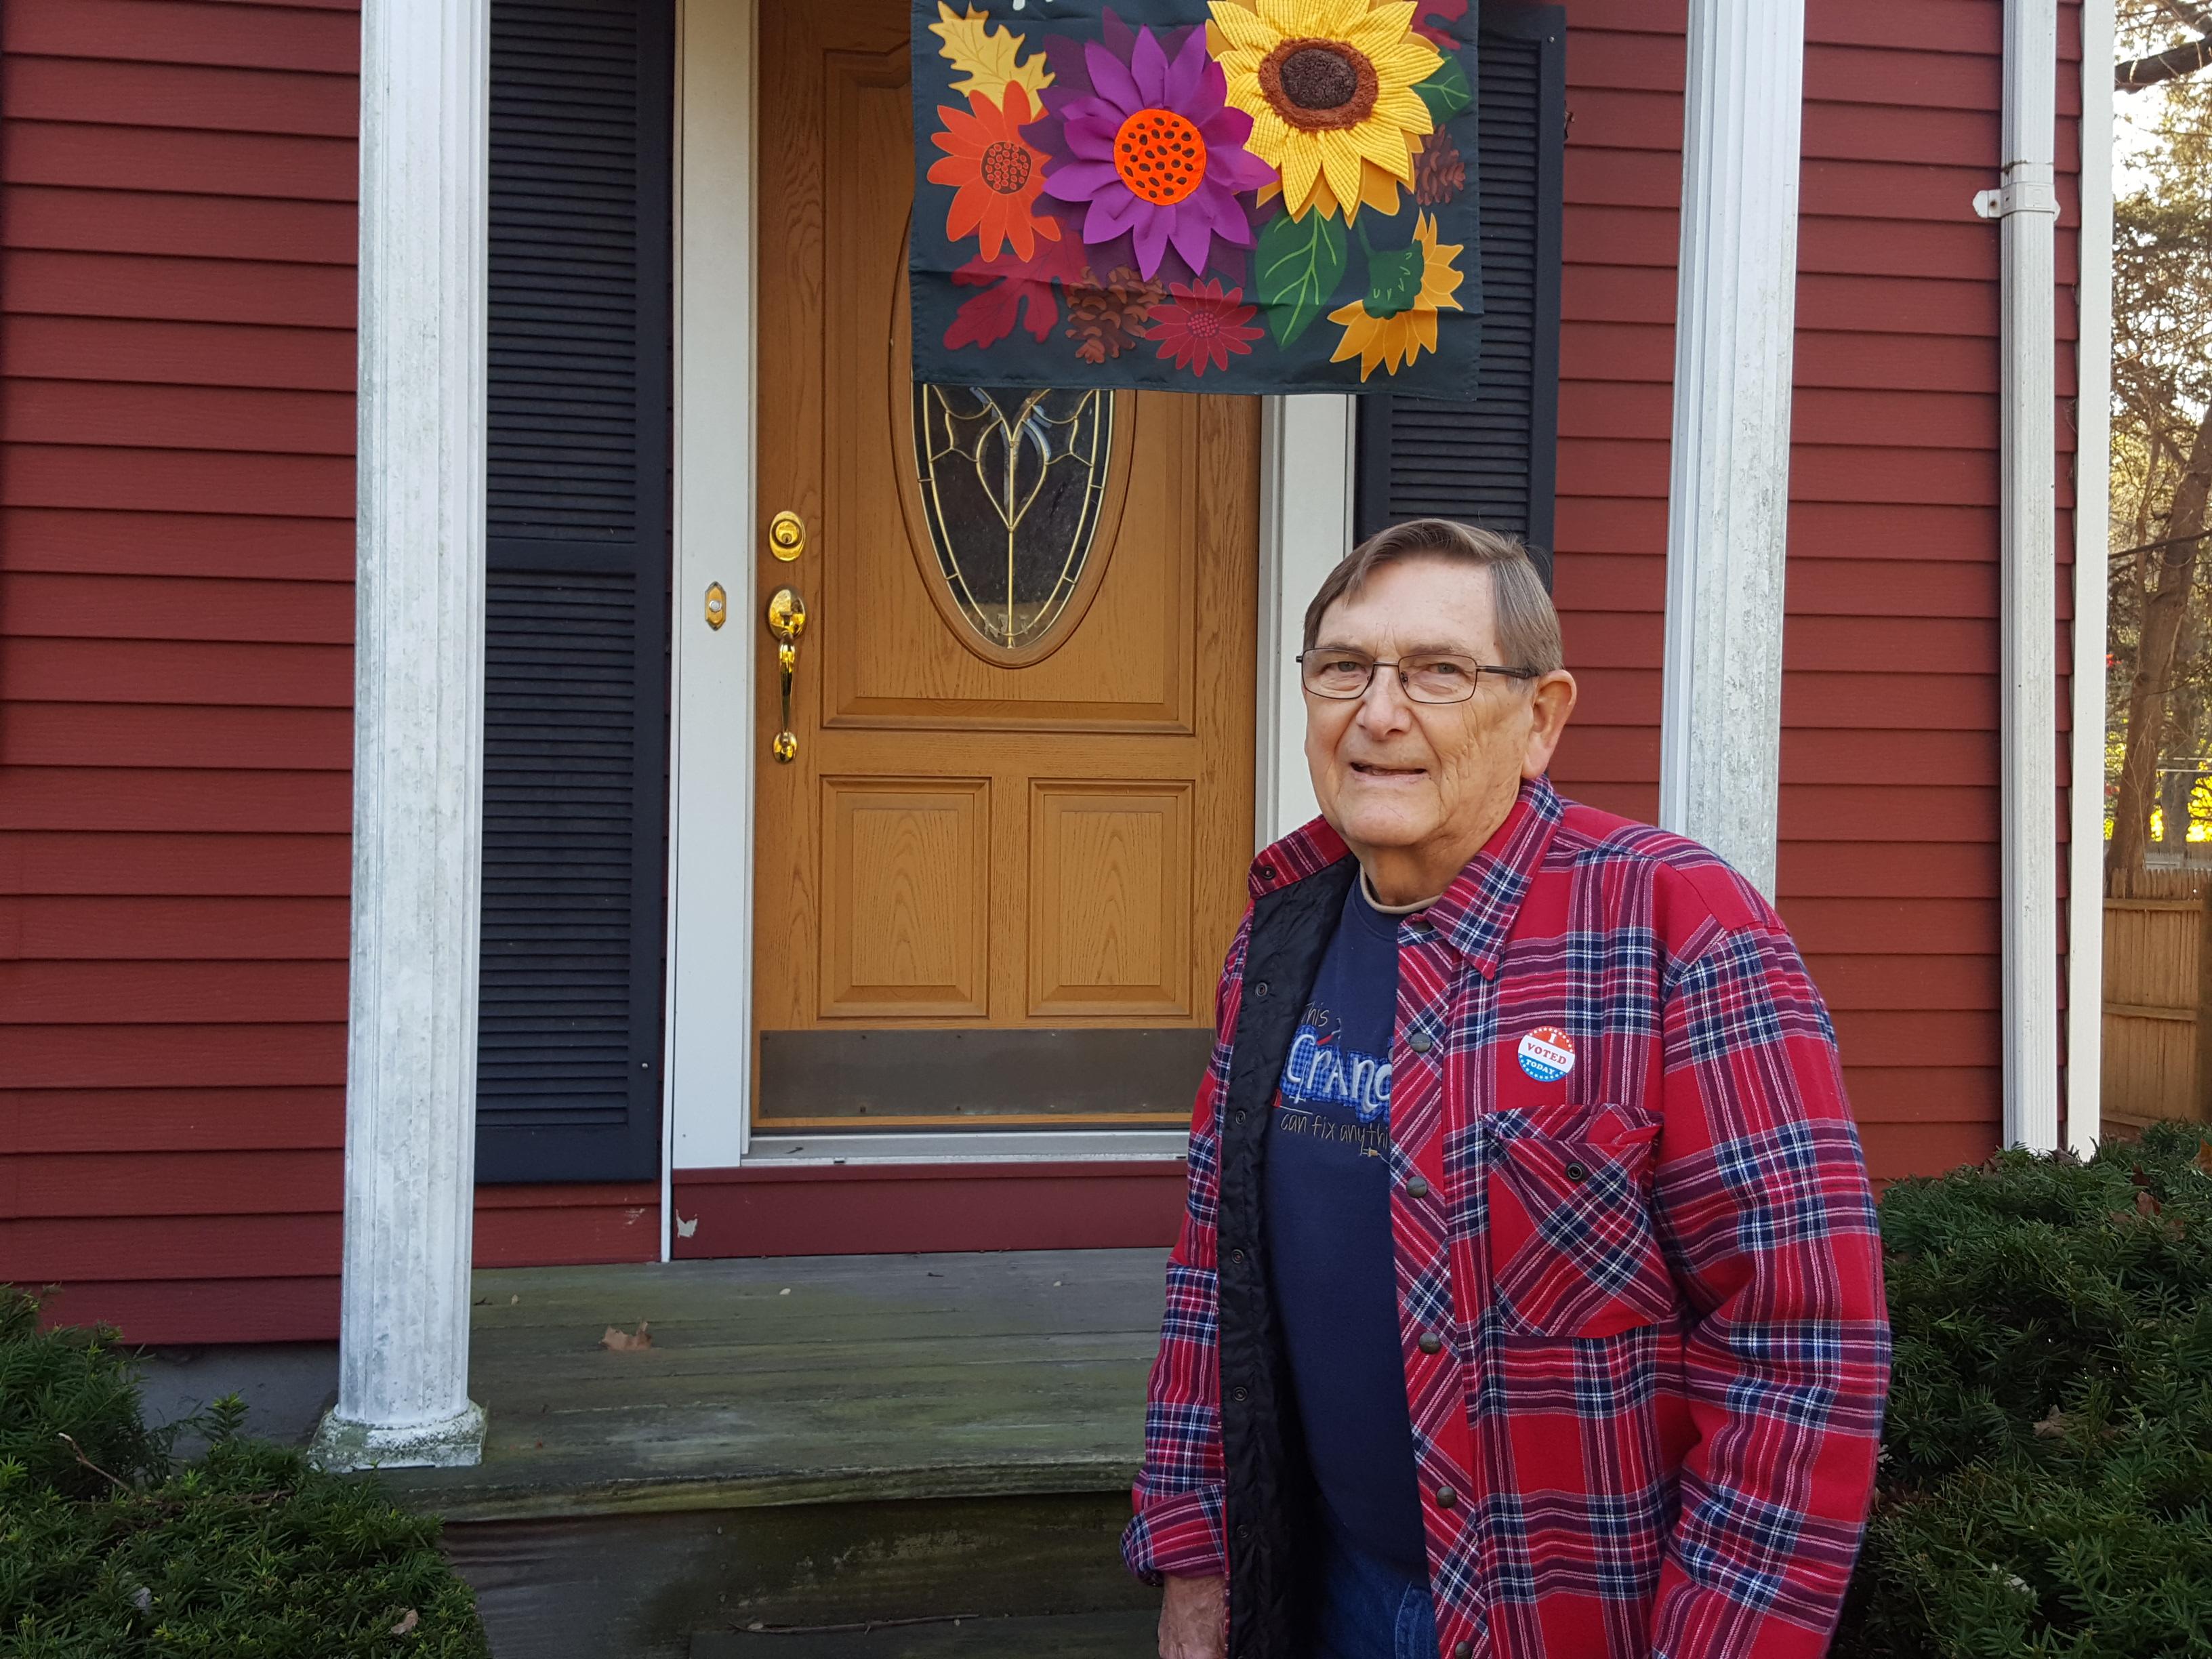 Bill in front of his front door.